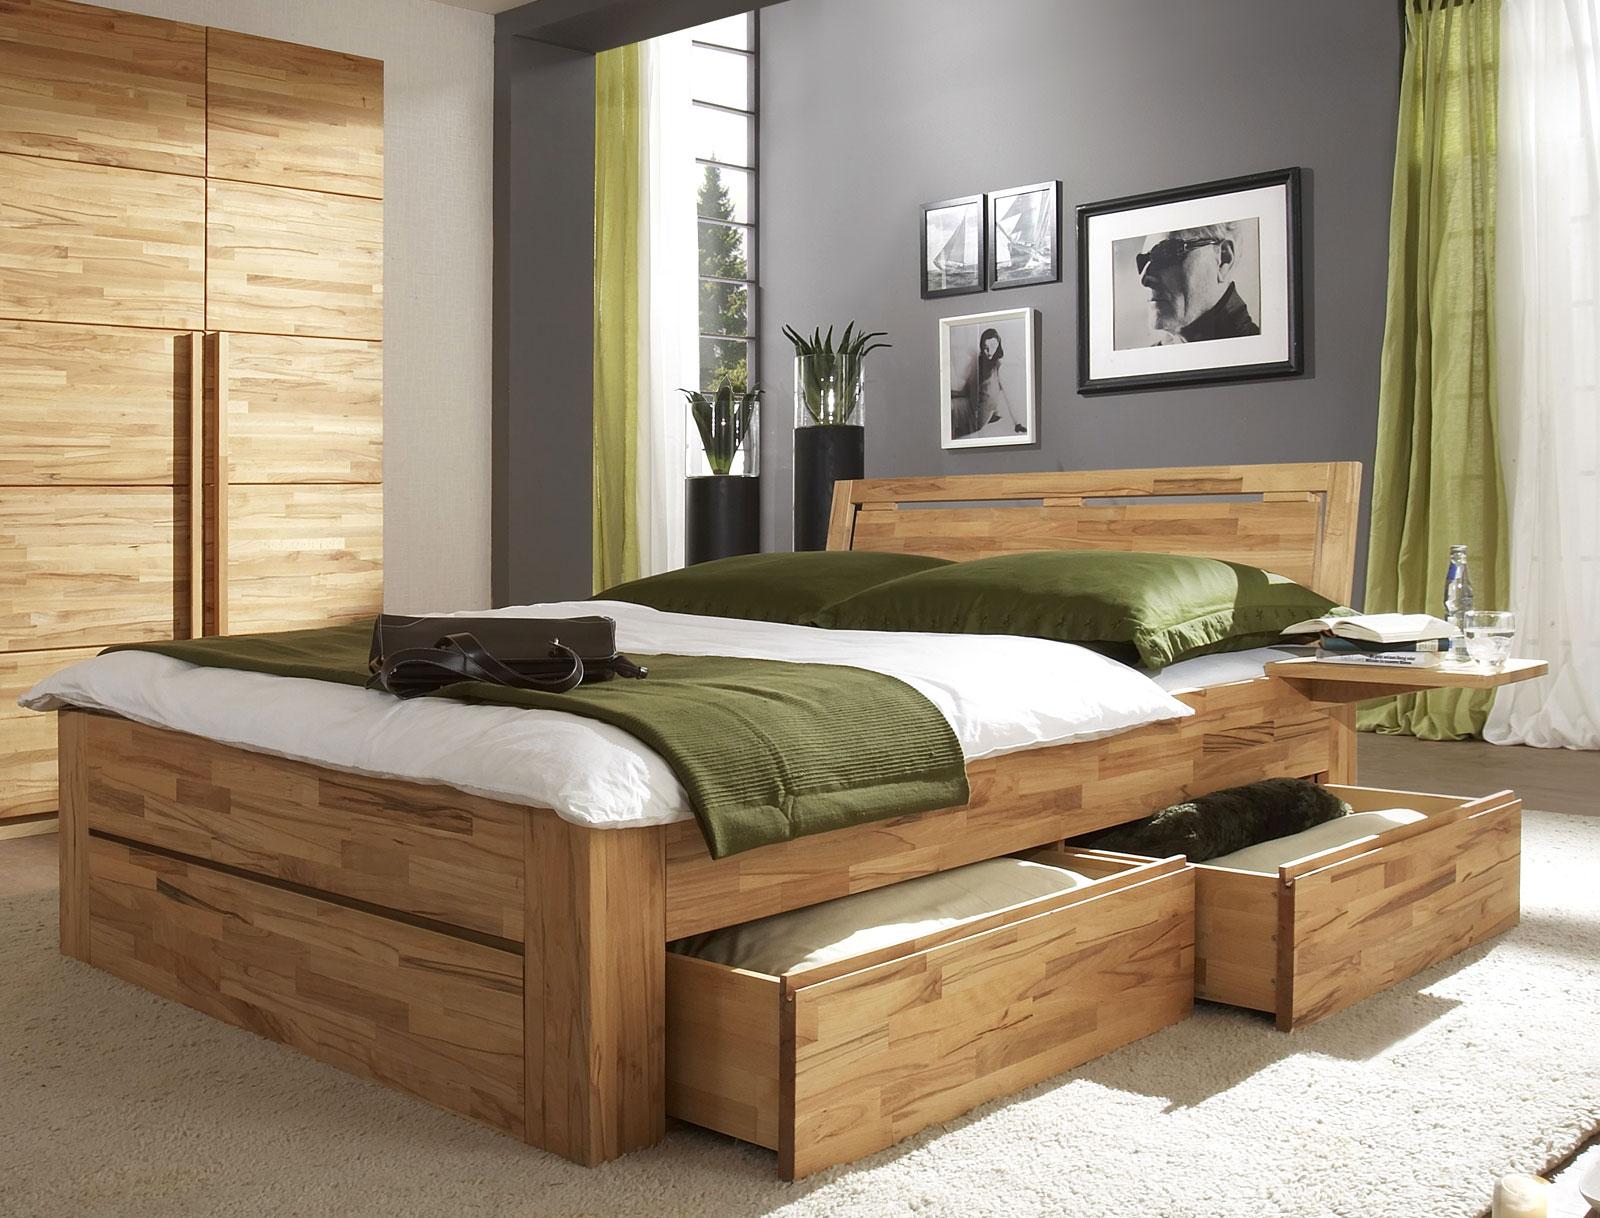 Bett Mit Stauraum schubkastenbett mit zusätzlichem stauraum bett andalucia